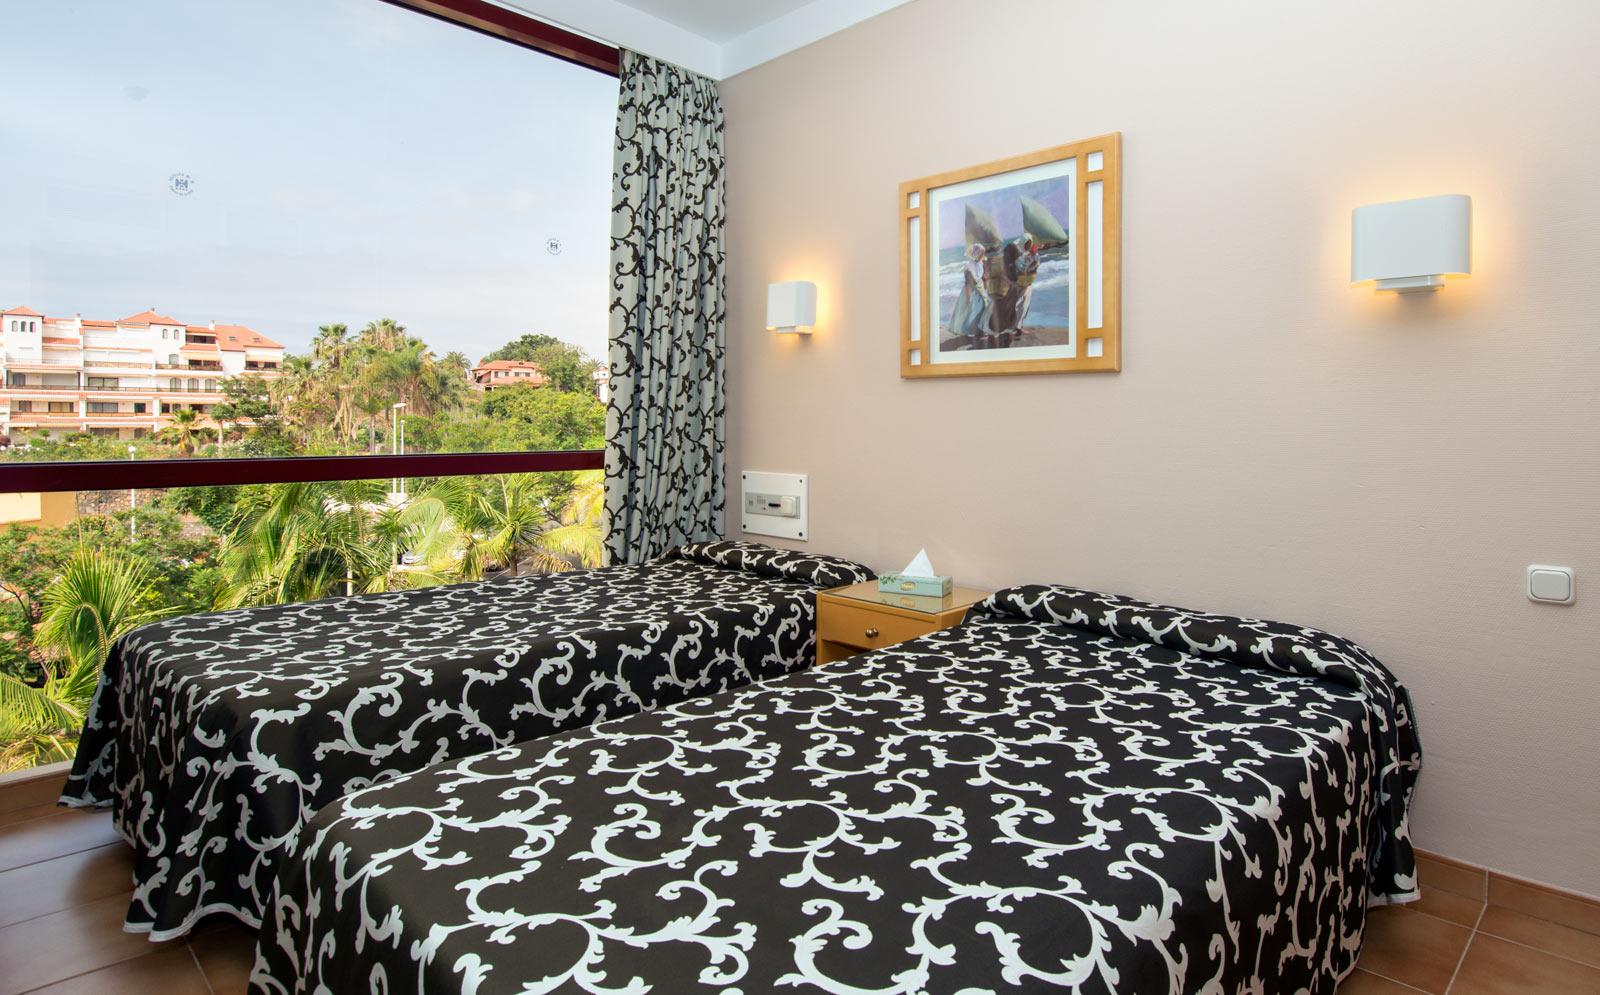 Habitacin Familiar  Hotel Puerto Palace  Hotel en